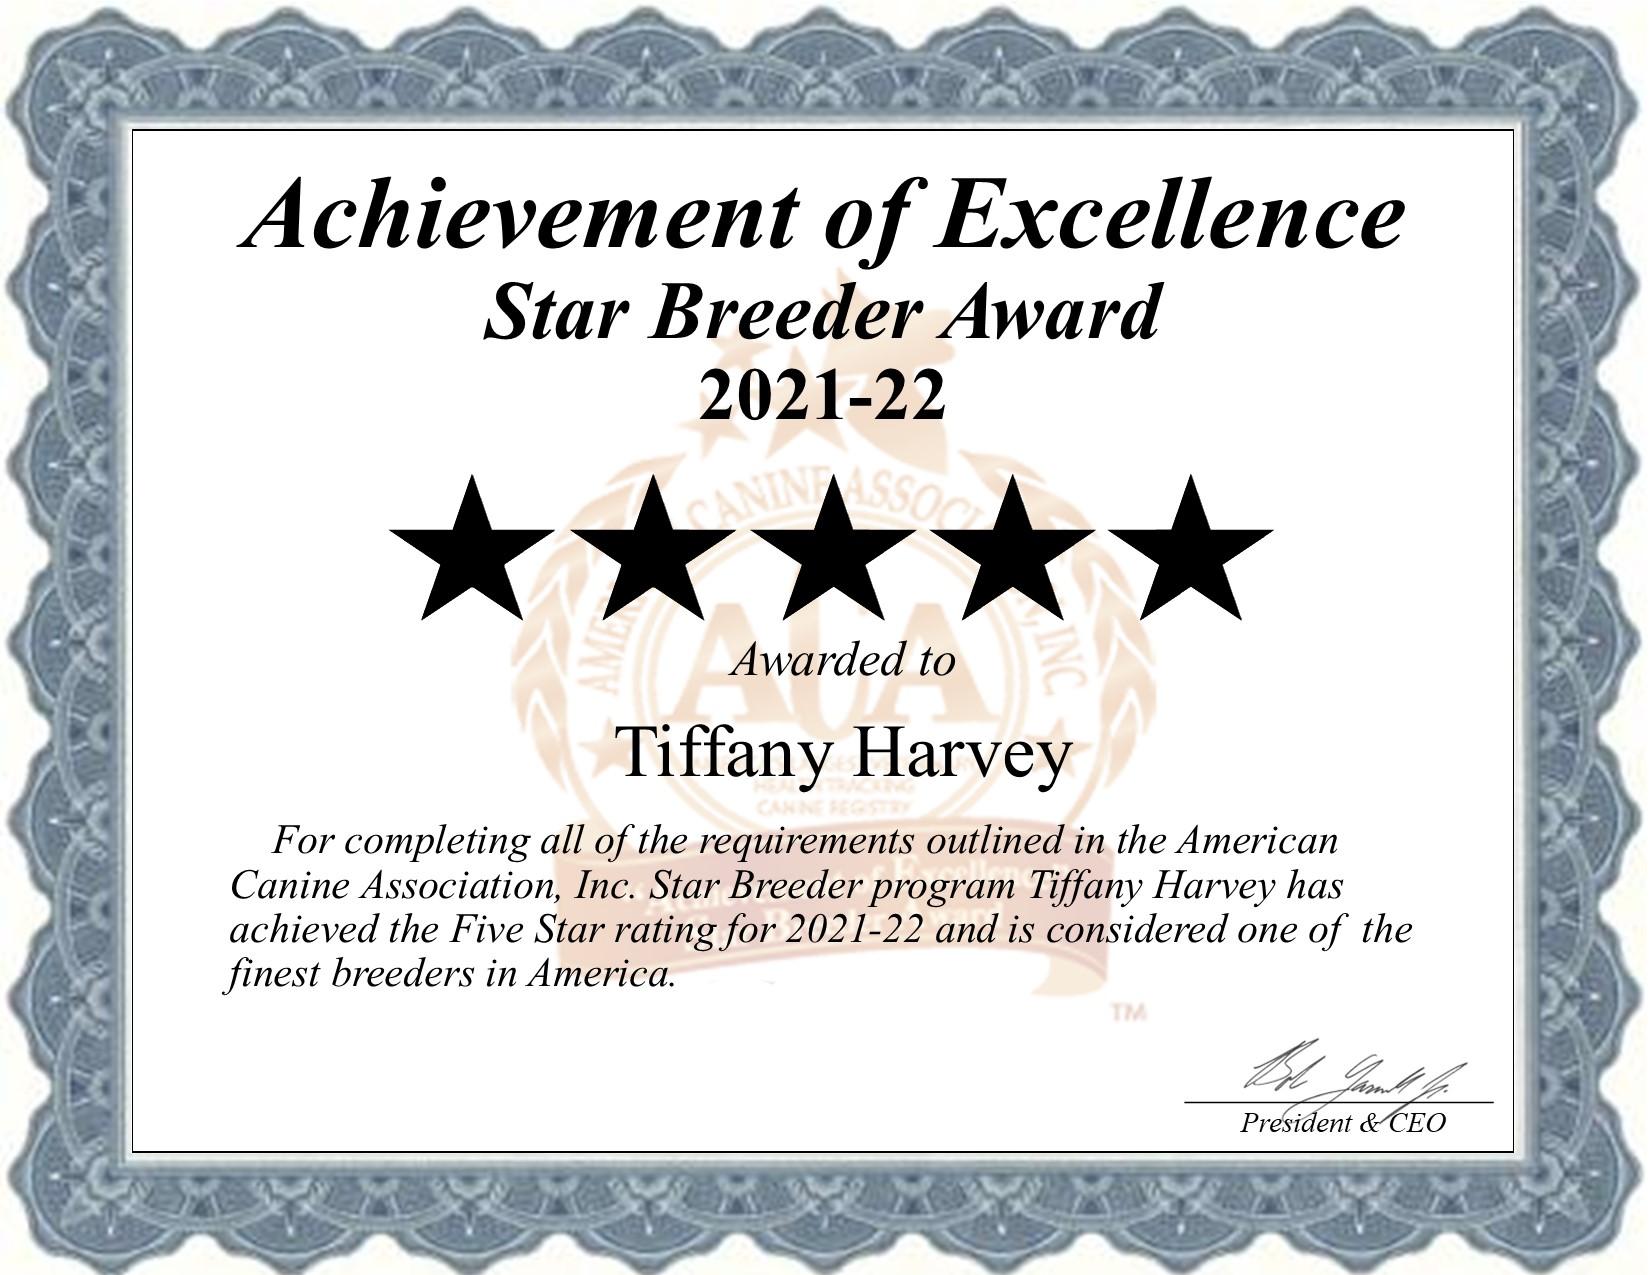 Tiffany, Harvey, dog, breeder, star, certificate, Tiffany-Harvey, Avery, TX, Texas, puppy, dog, kennels, mill, puppymill, usda, 5-star, aca, ica, registered, Mini Aussie, Dachshund